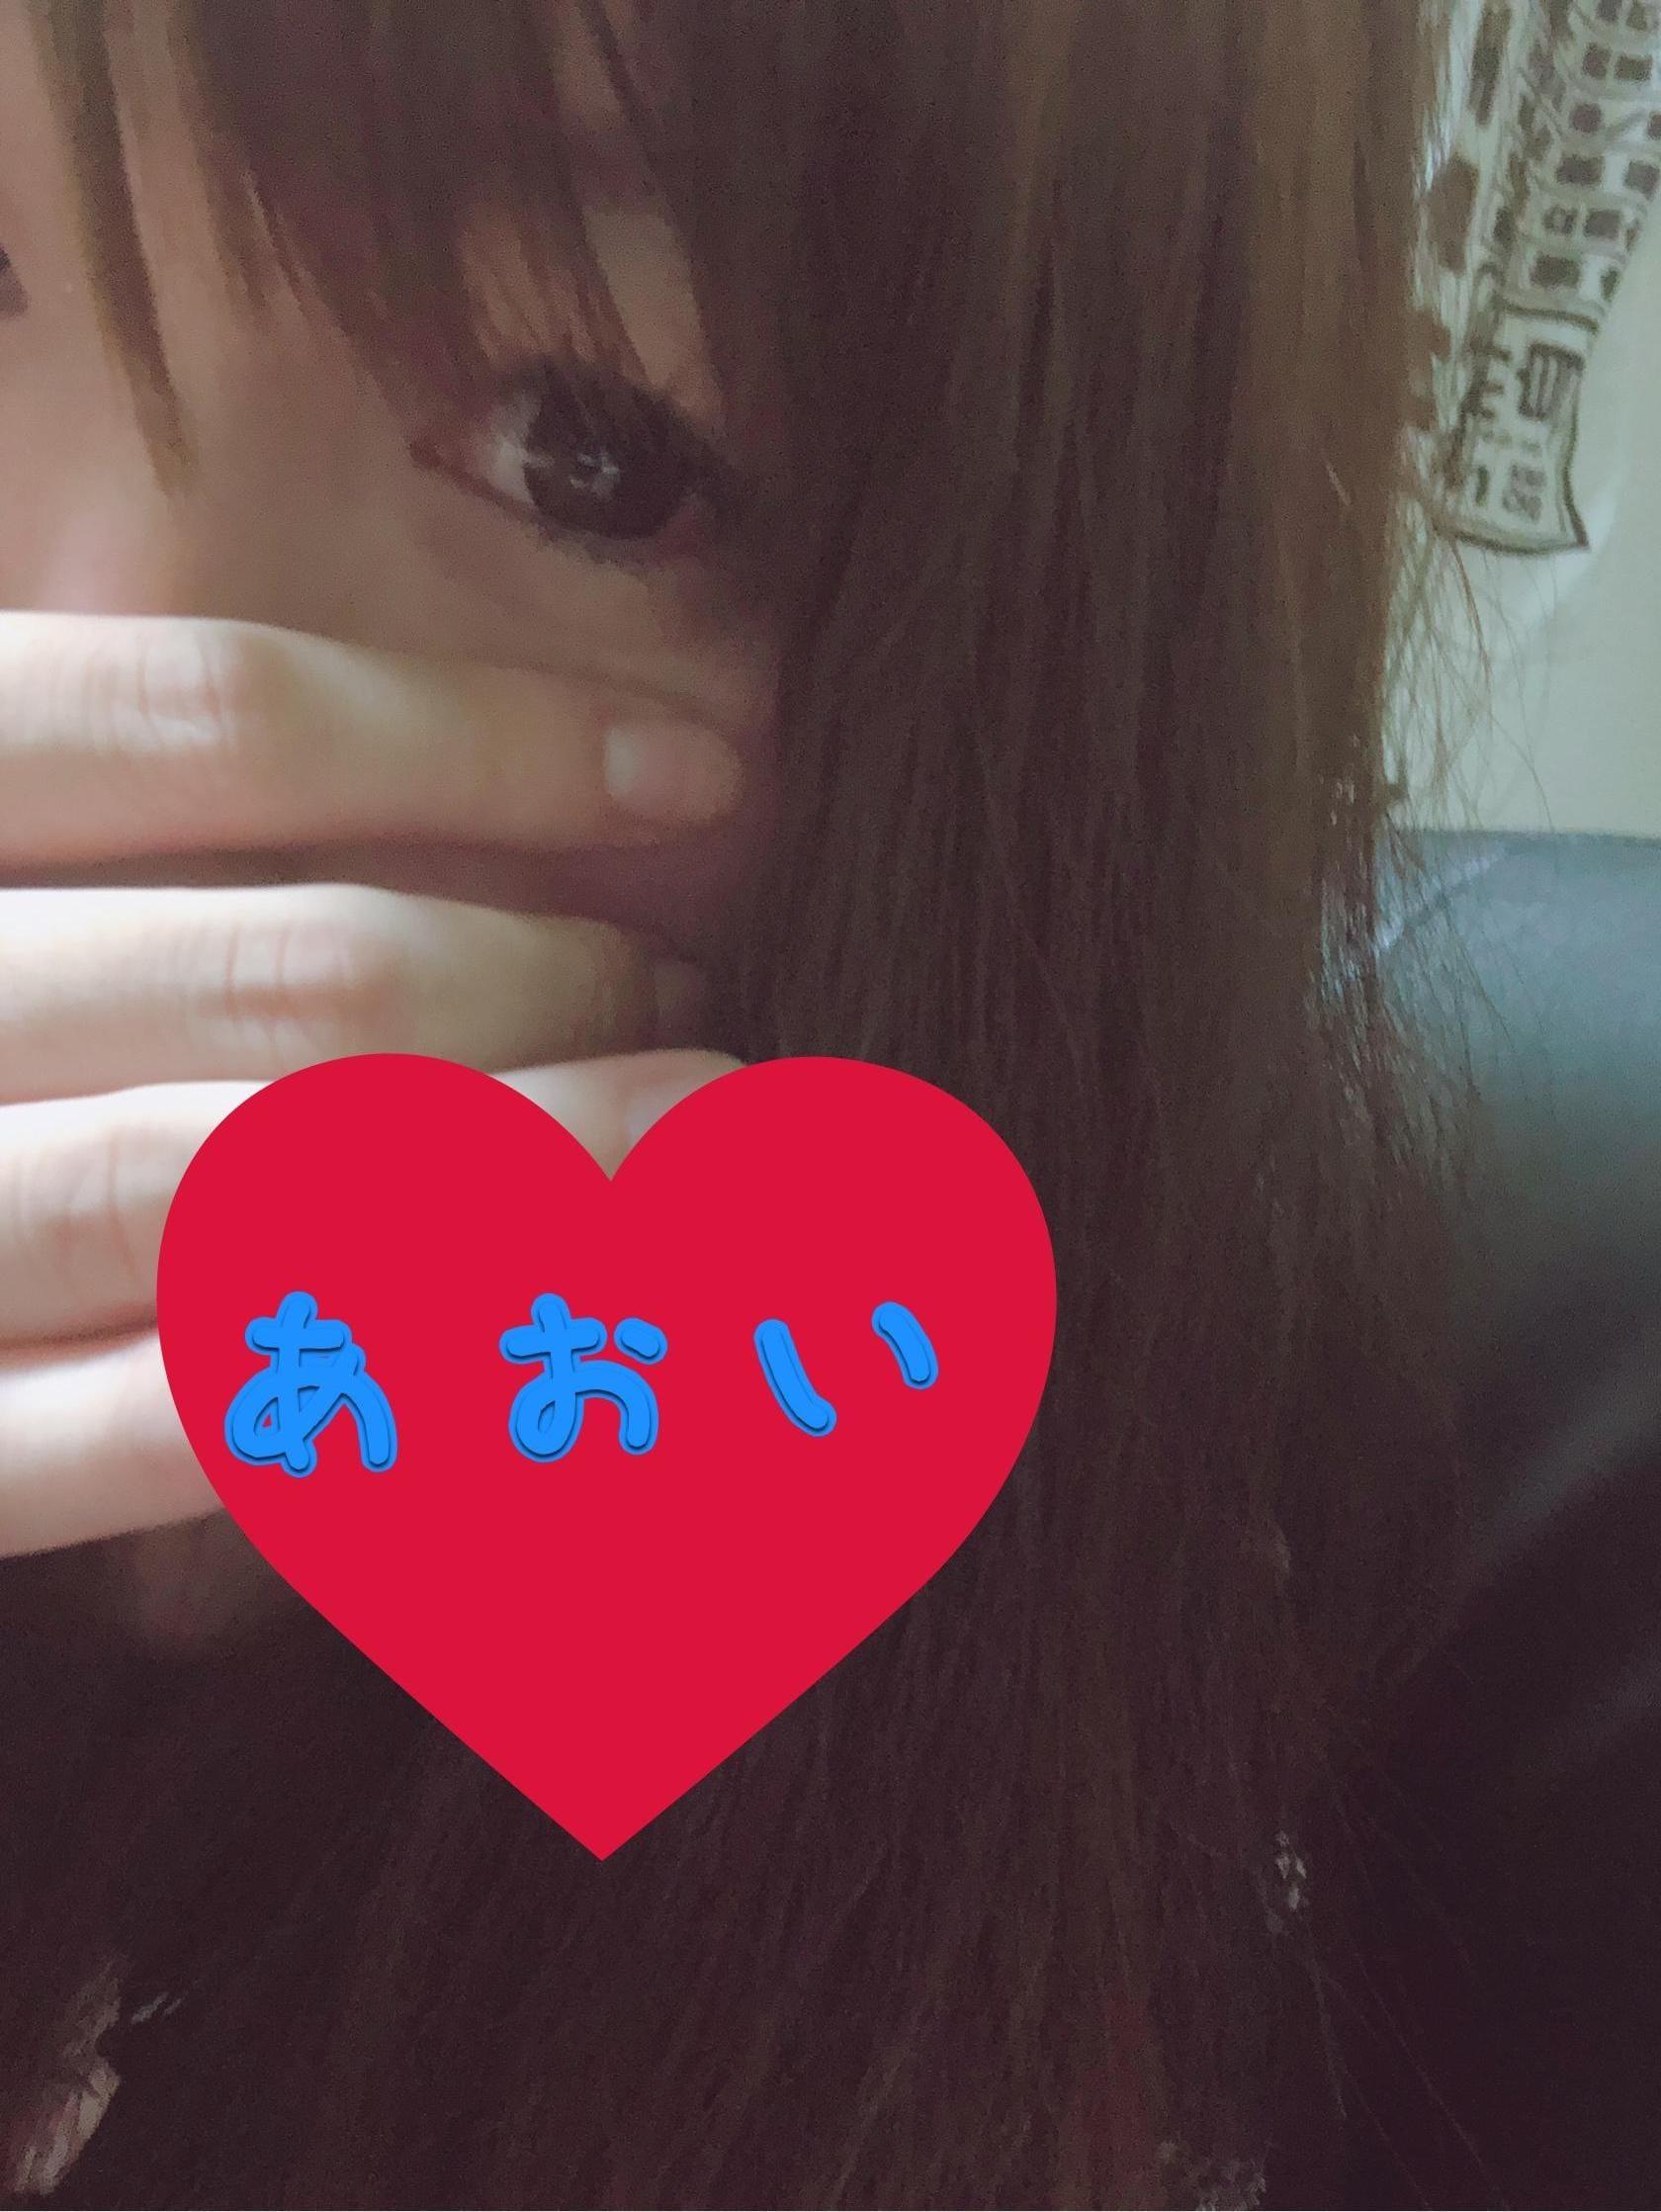 「ありがとう★」04/05(木) 21:32 | あおいの写メ・風俗動画